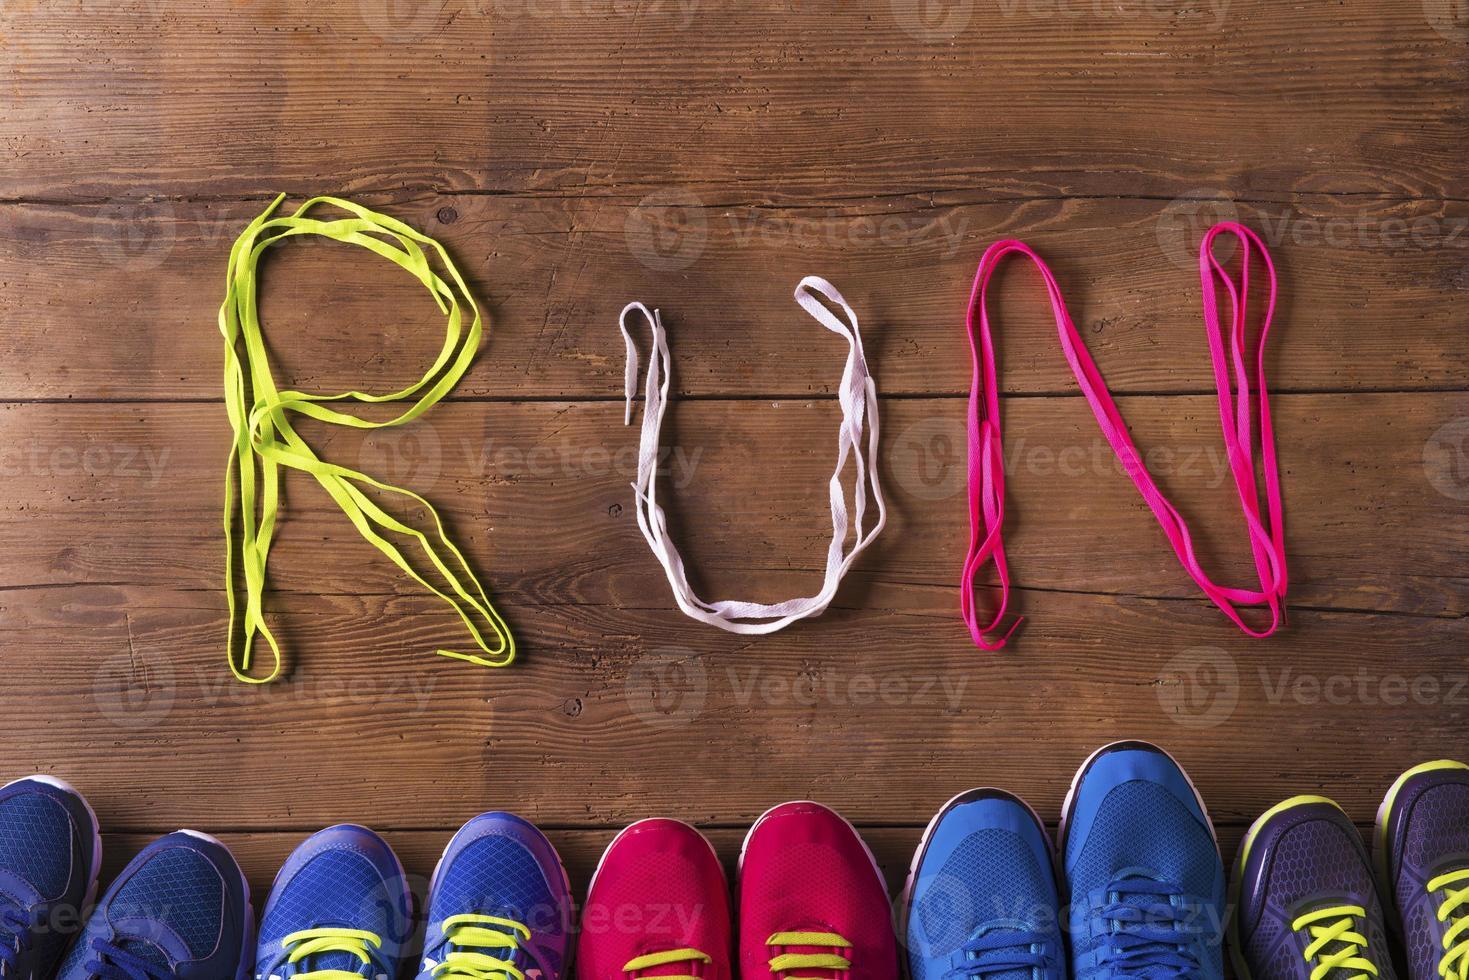 tênis de corrida no chão foto